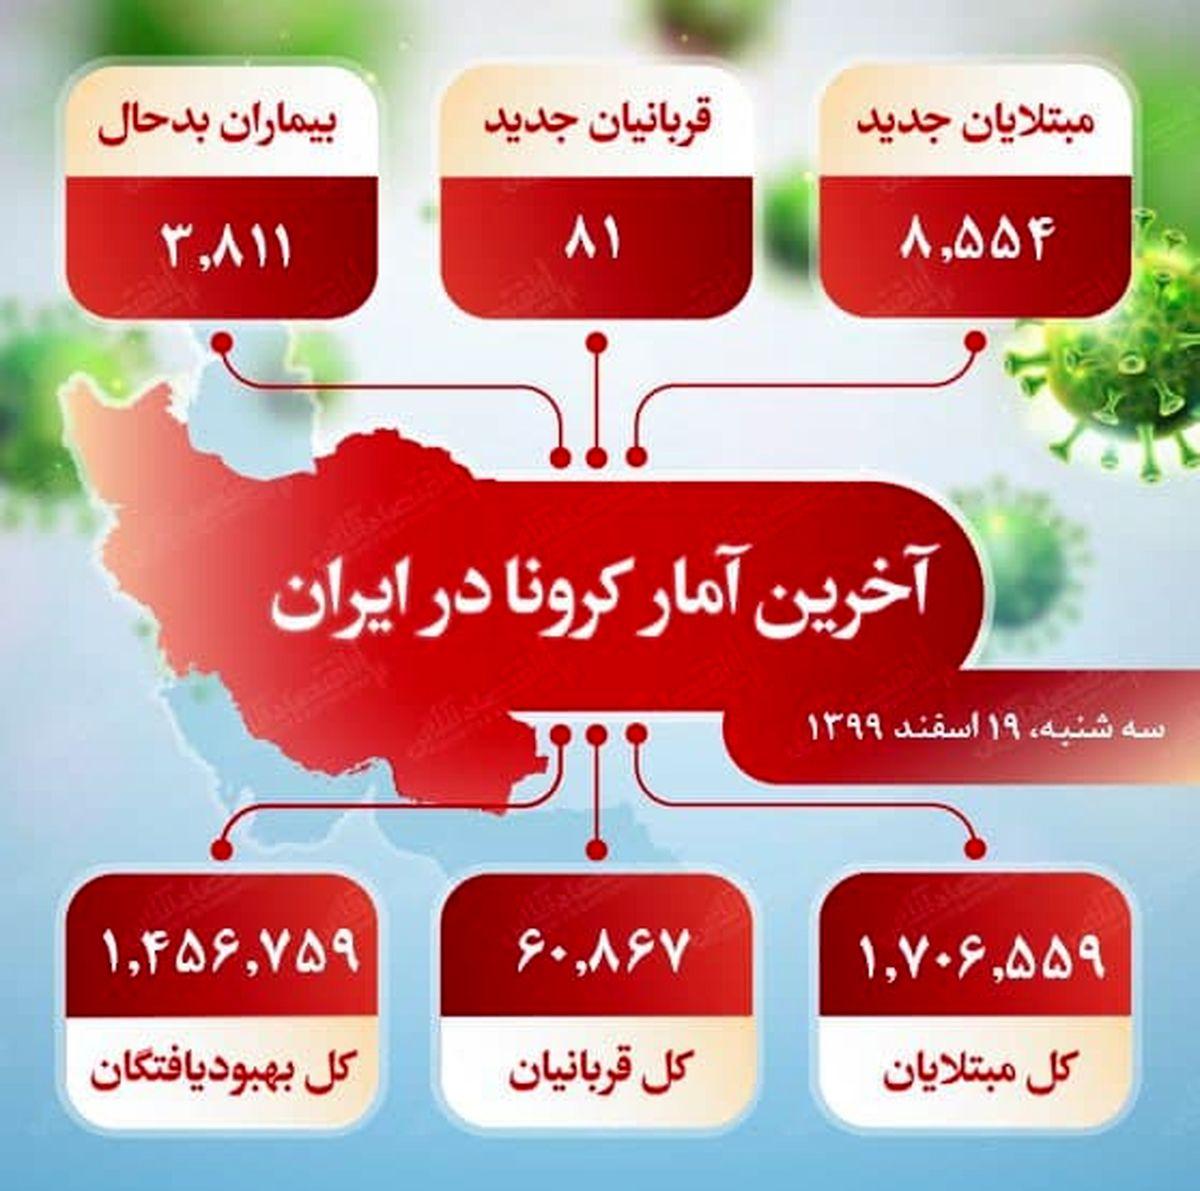 آخرین آمار کرونا در ایران (۹۹/۱۲/۱۹)